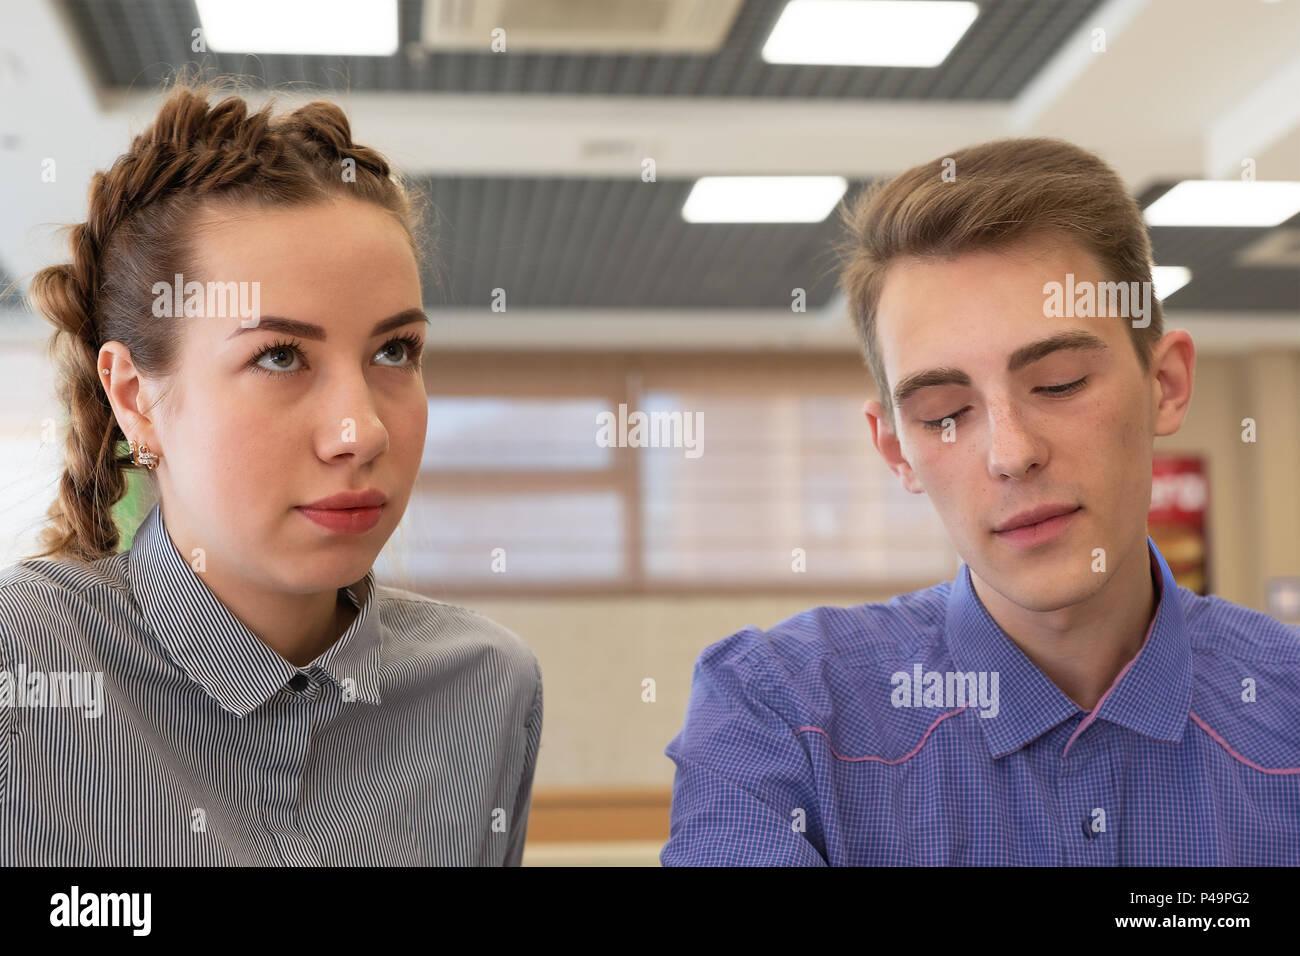 La chica y el chico sentarse cerca de rostros tristes. El chico miró hacia abajo en la parte inferior, y la chica se ve en la parte superior. Imagen De Stock